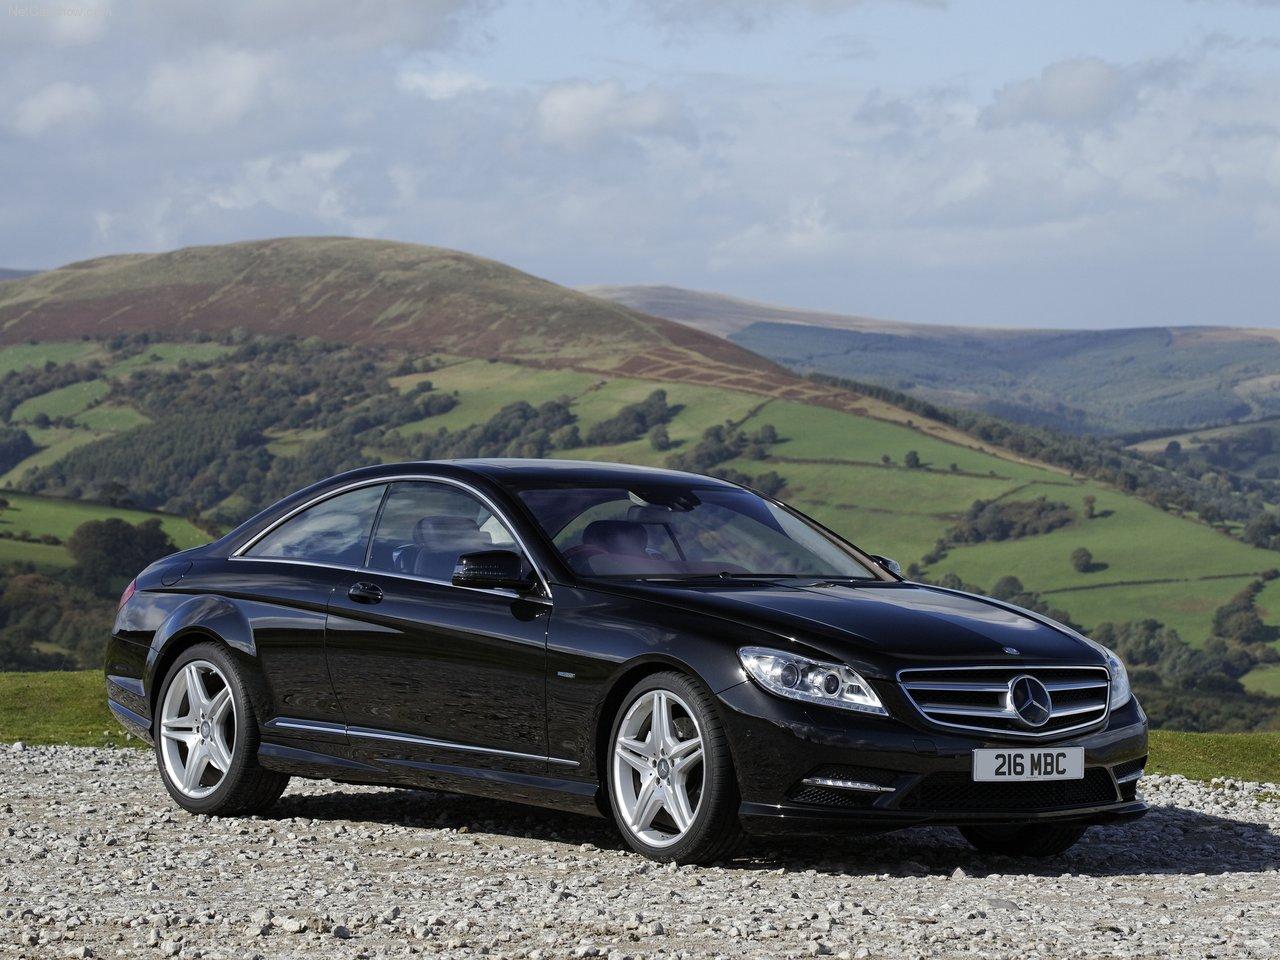 2011 mercedes benz cl500 mercedes benz cars for Mercedes benz cl500